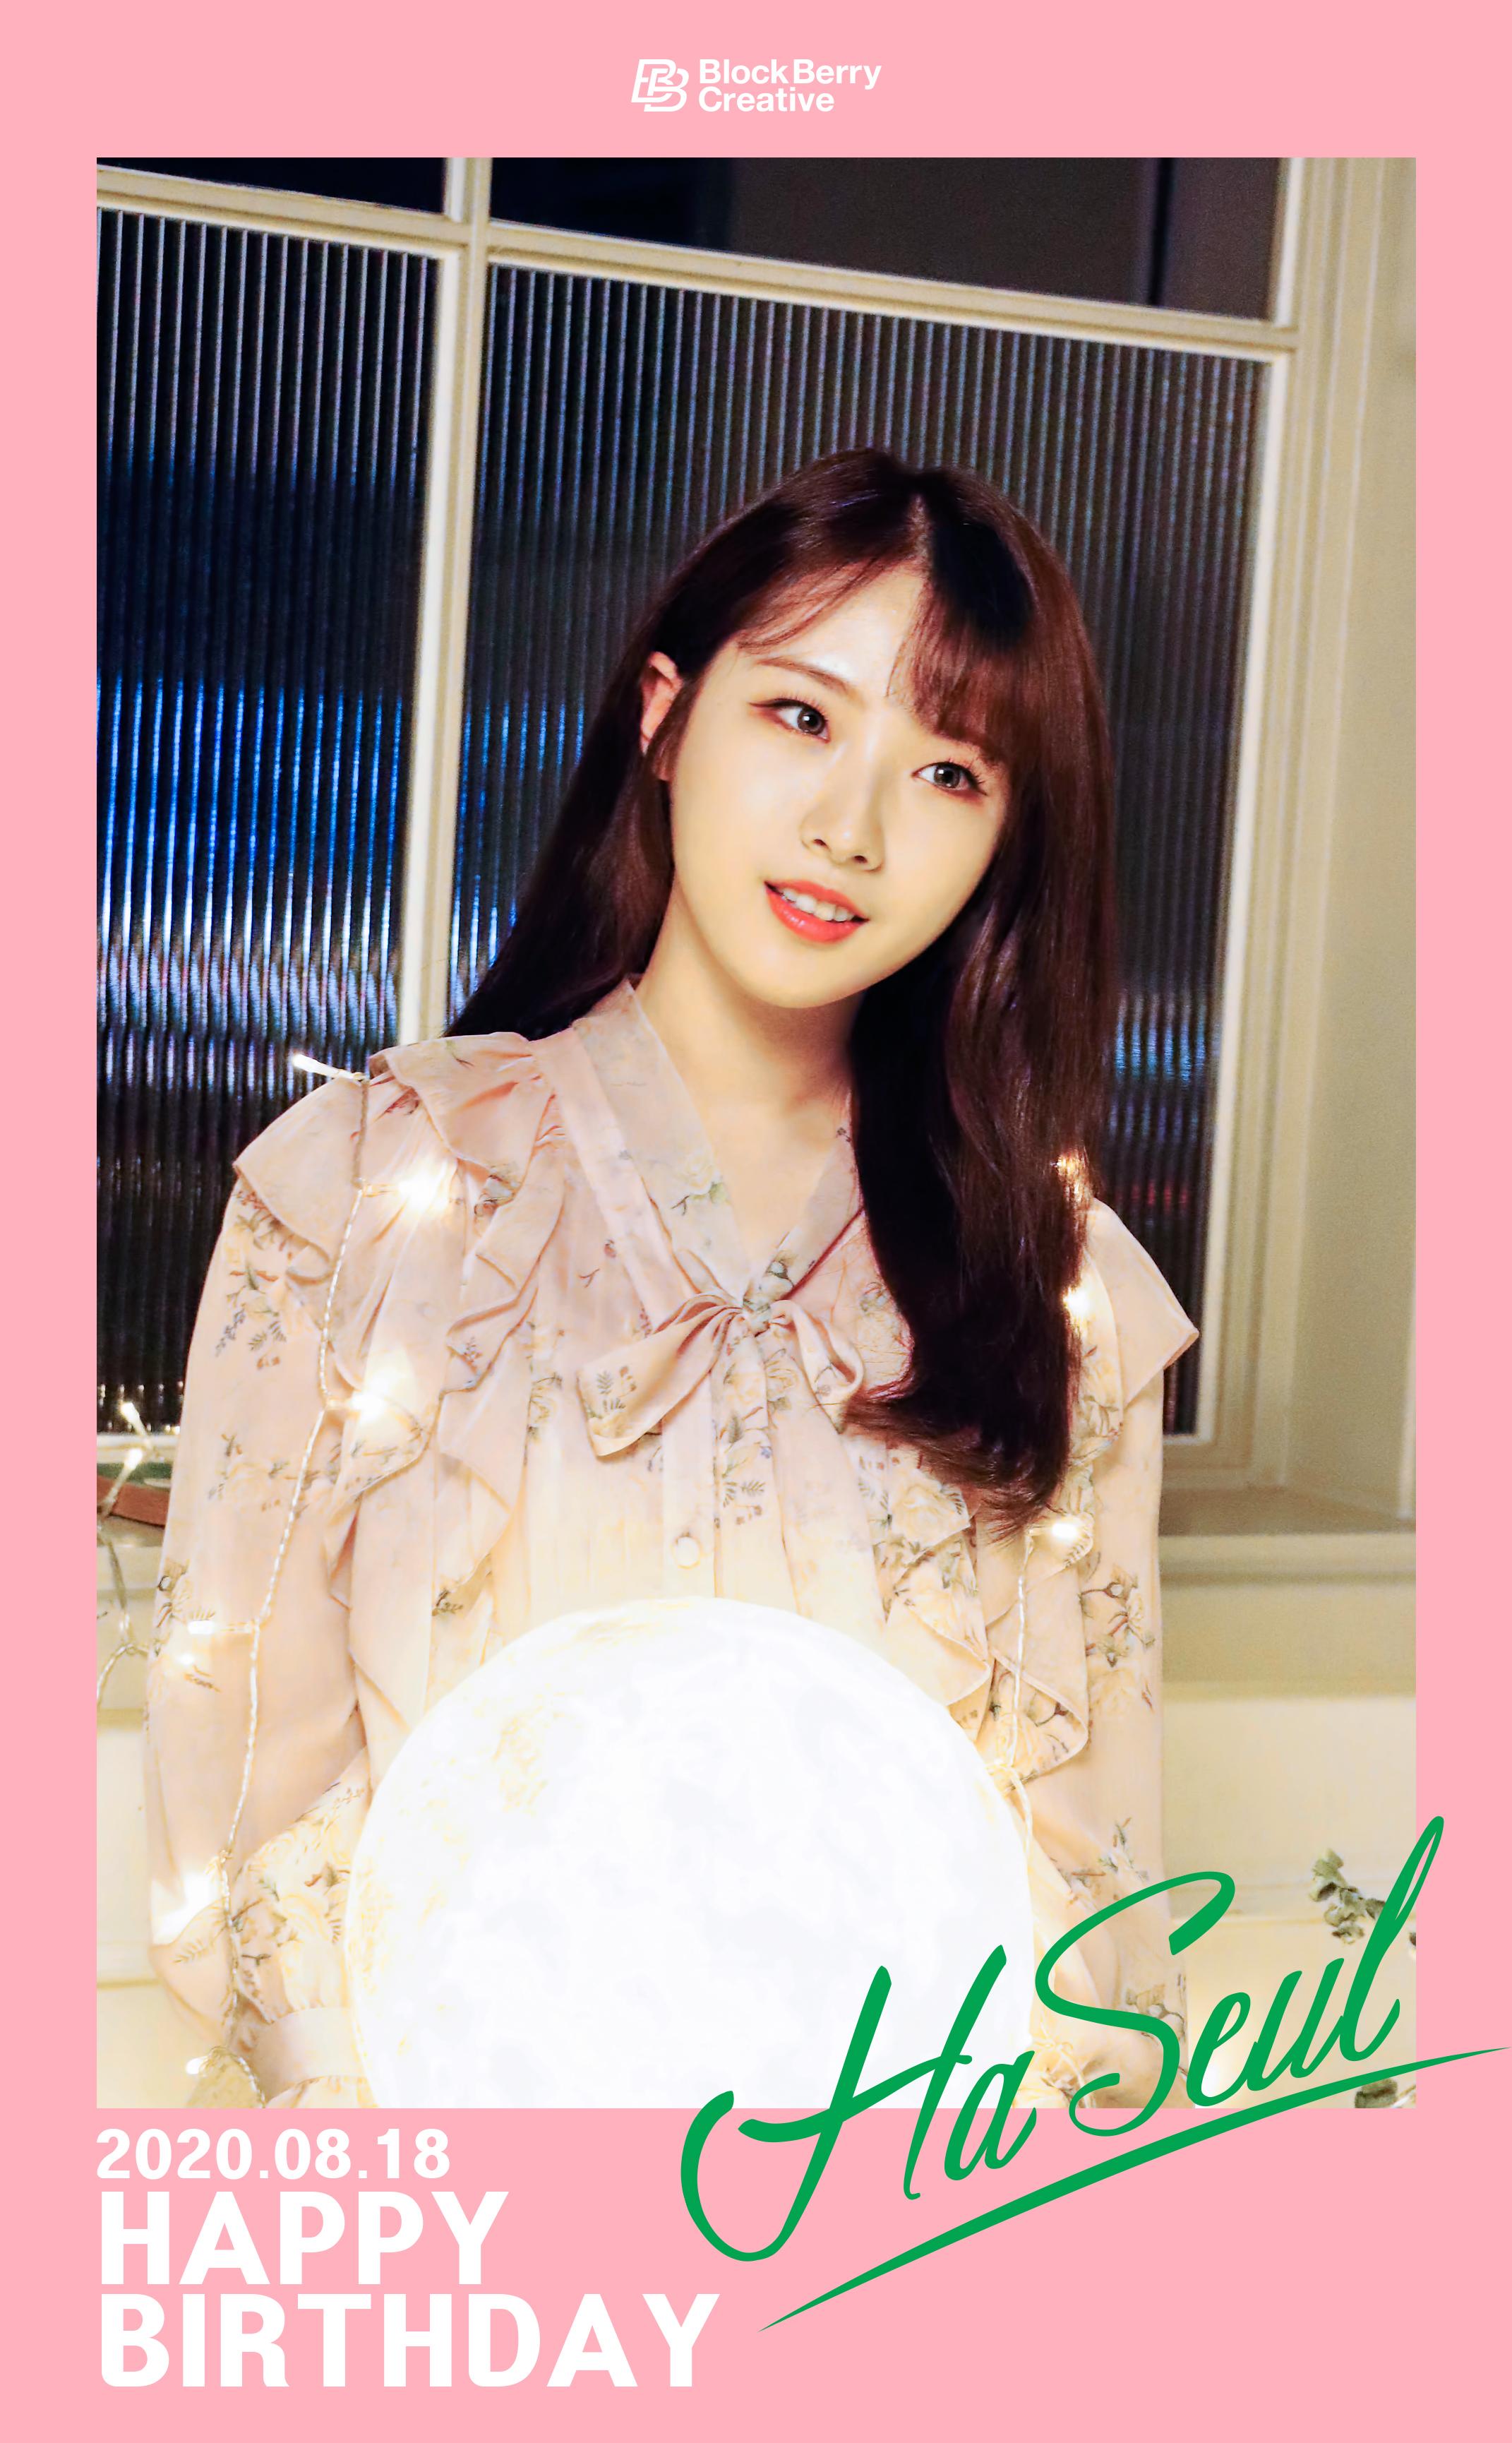 200818 SNS HaSeul Birthday.jpg